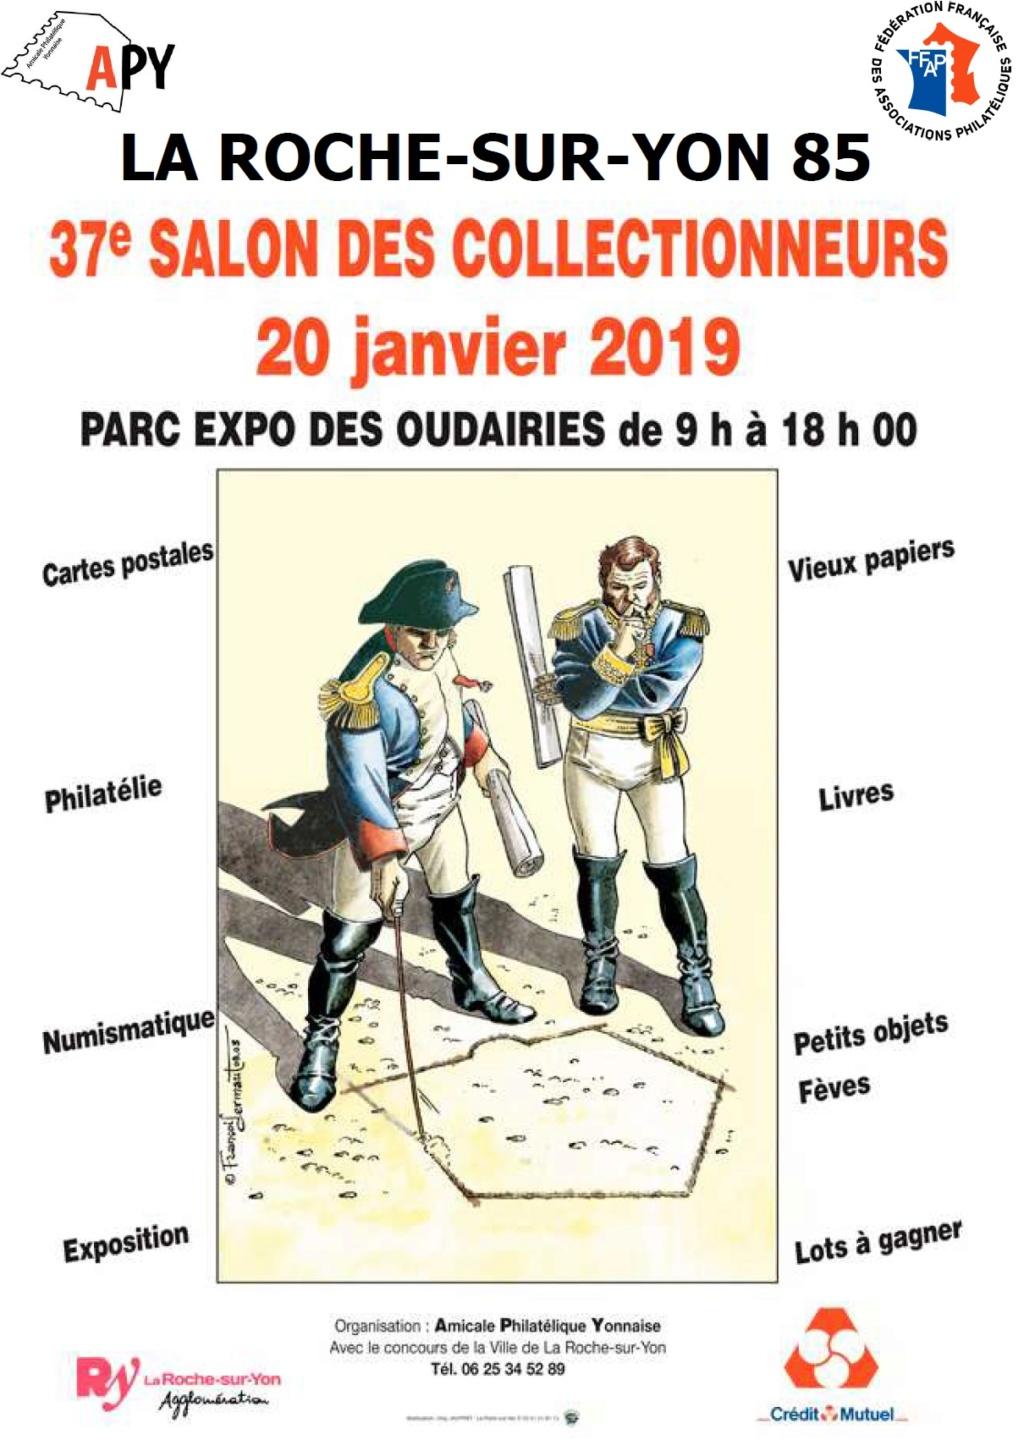 2019-01-20-85 La Roche-sur-Yon Apy8510